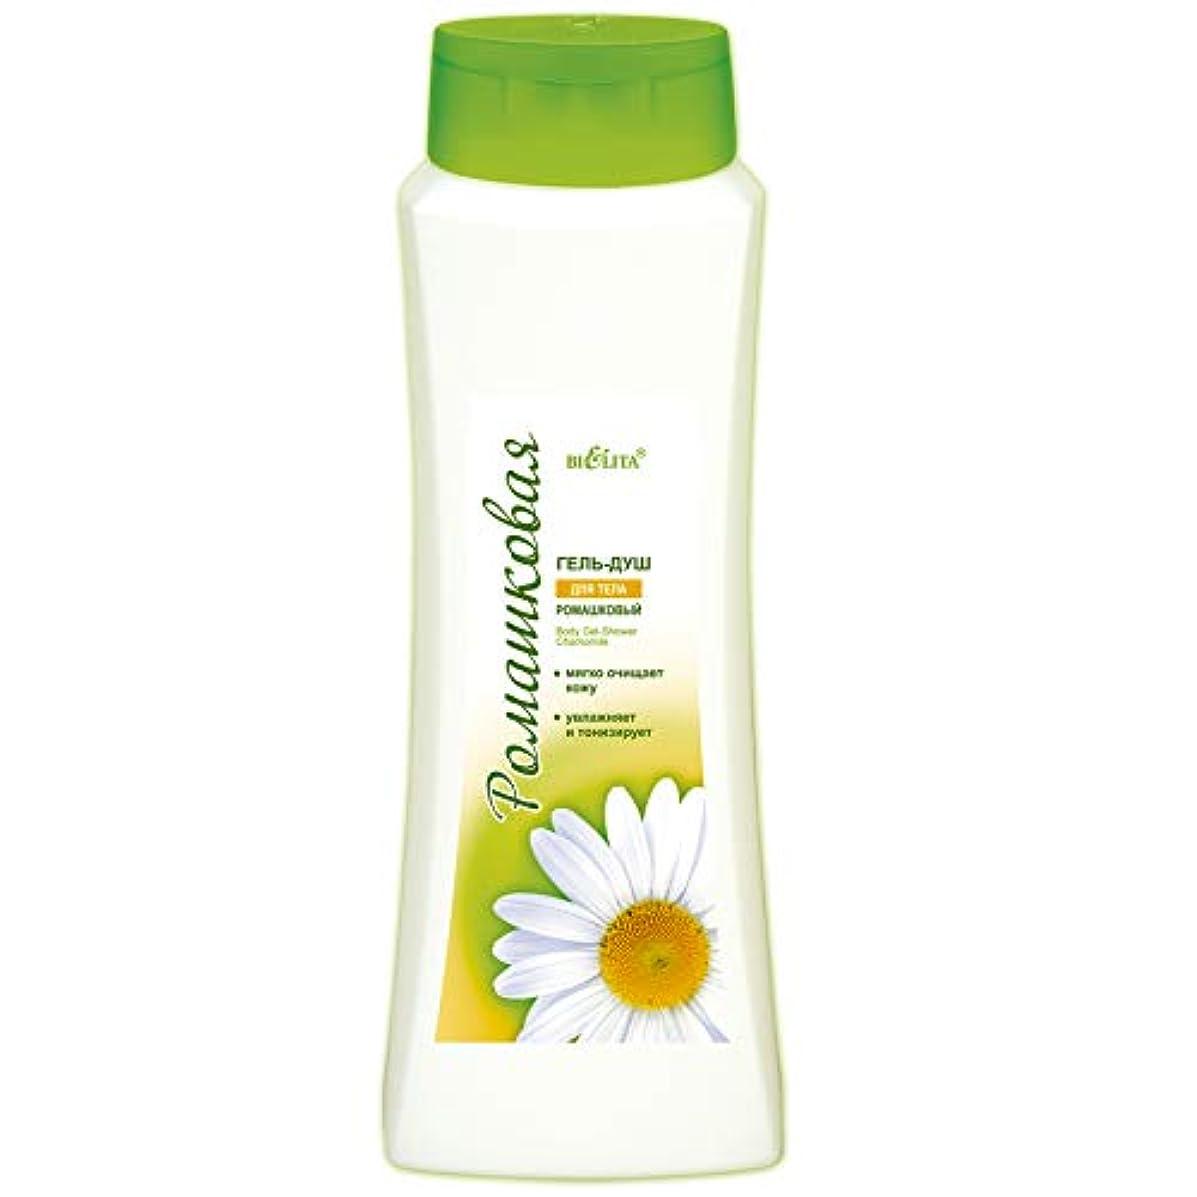 カエル岸やむを得ないBielita & Vitex | Chamomile Line | Shower Gel for Body Wash & Care | All Natural: Allantoin, Chamomile Extracts and Vitamin B5, E | 500 ml